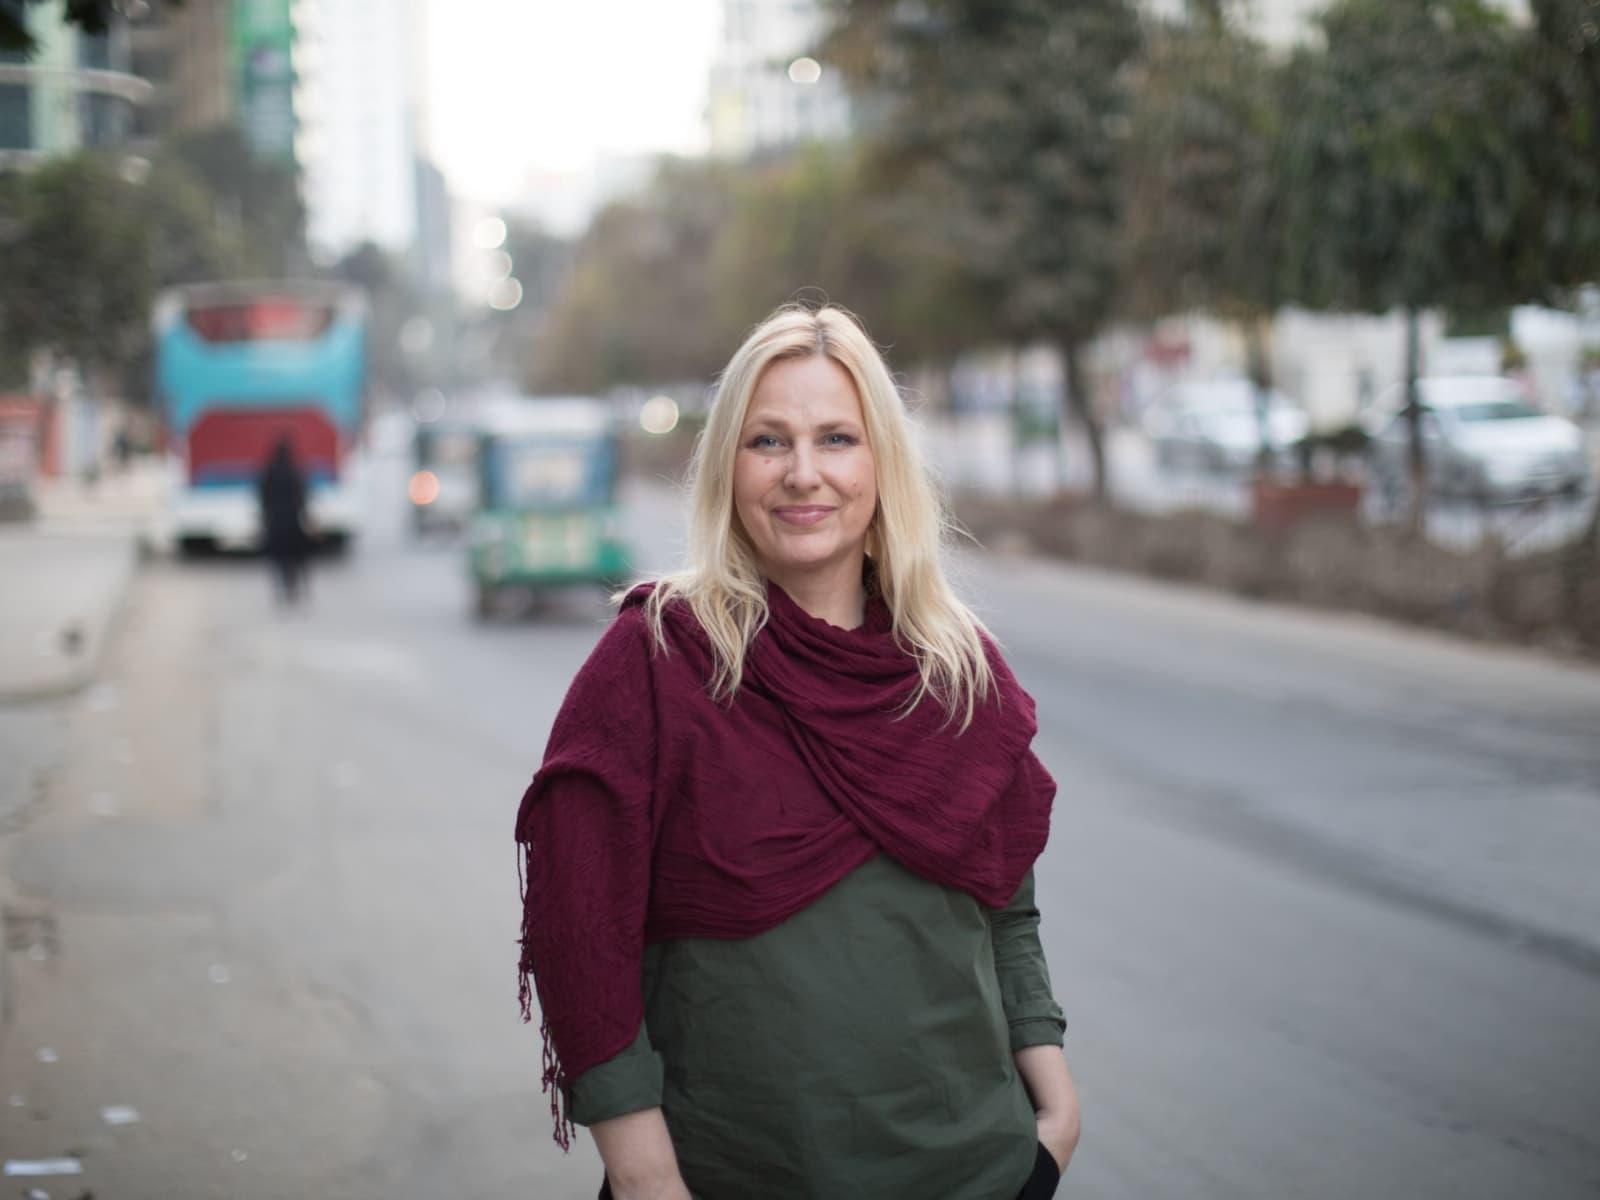 Susan from Stockholm, Sweden